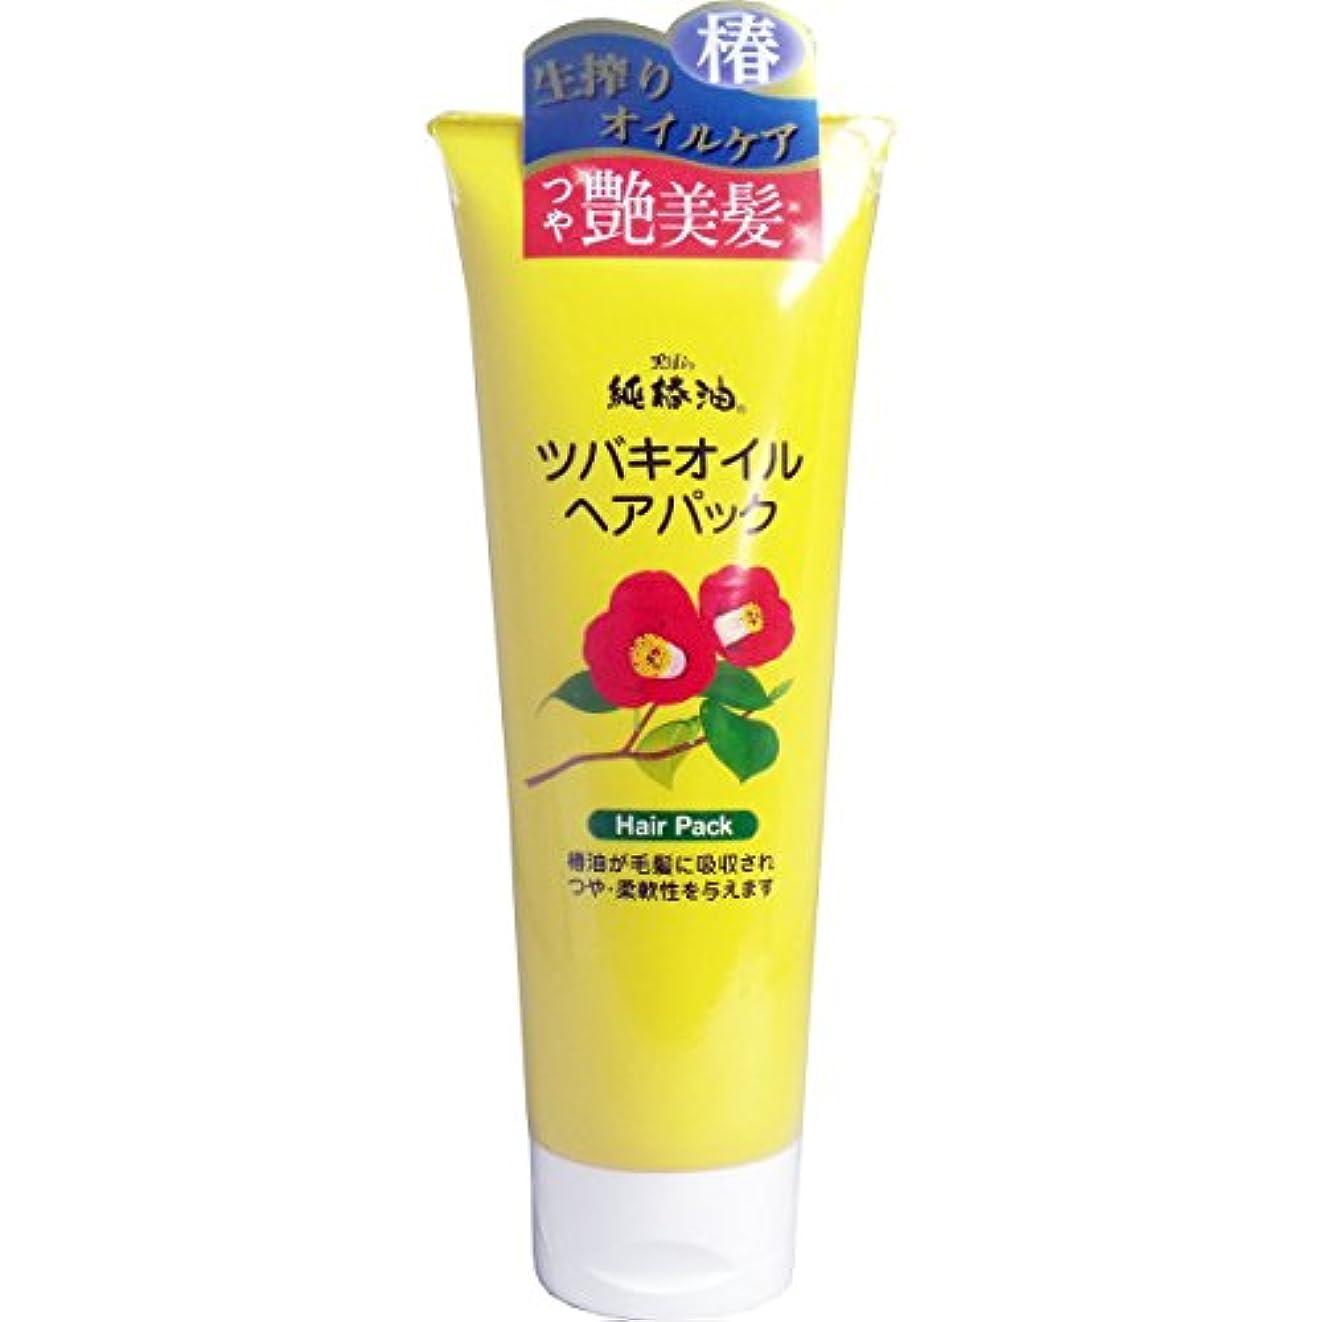 教え集団黒ばら 純椿油 ツバキオイルヘアパック 3セット